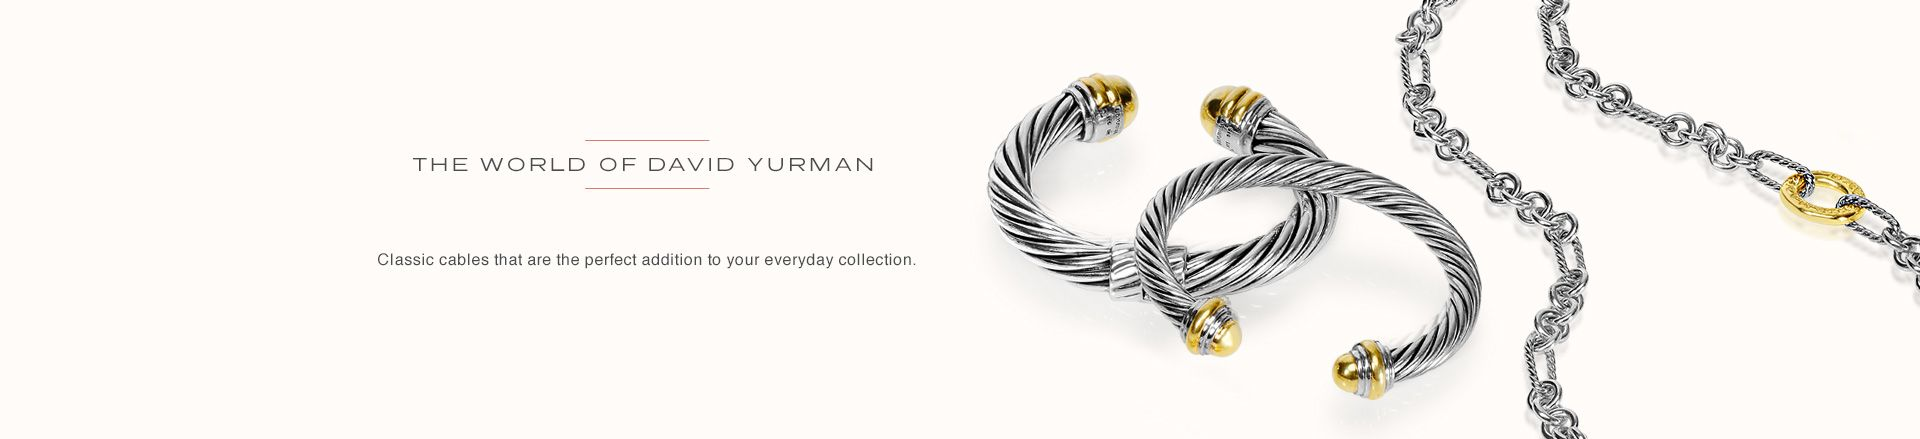 Designer Spotlight: David Yurman